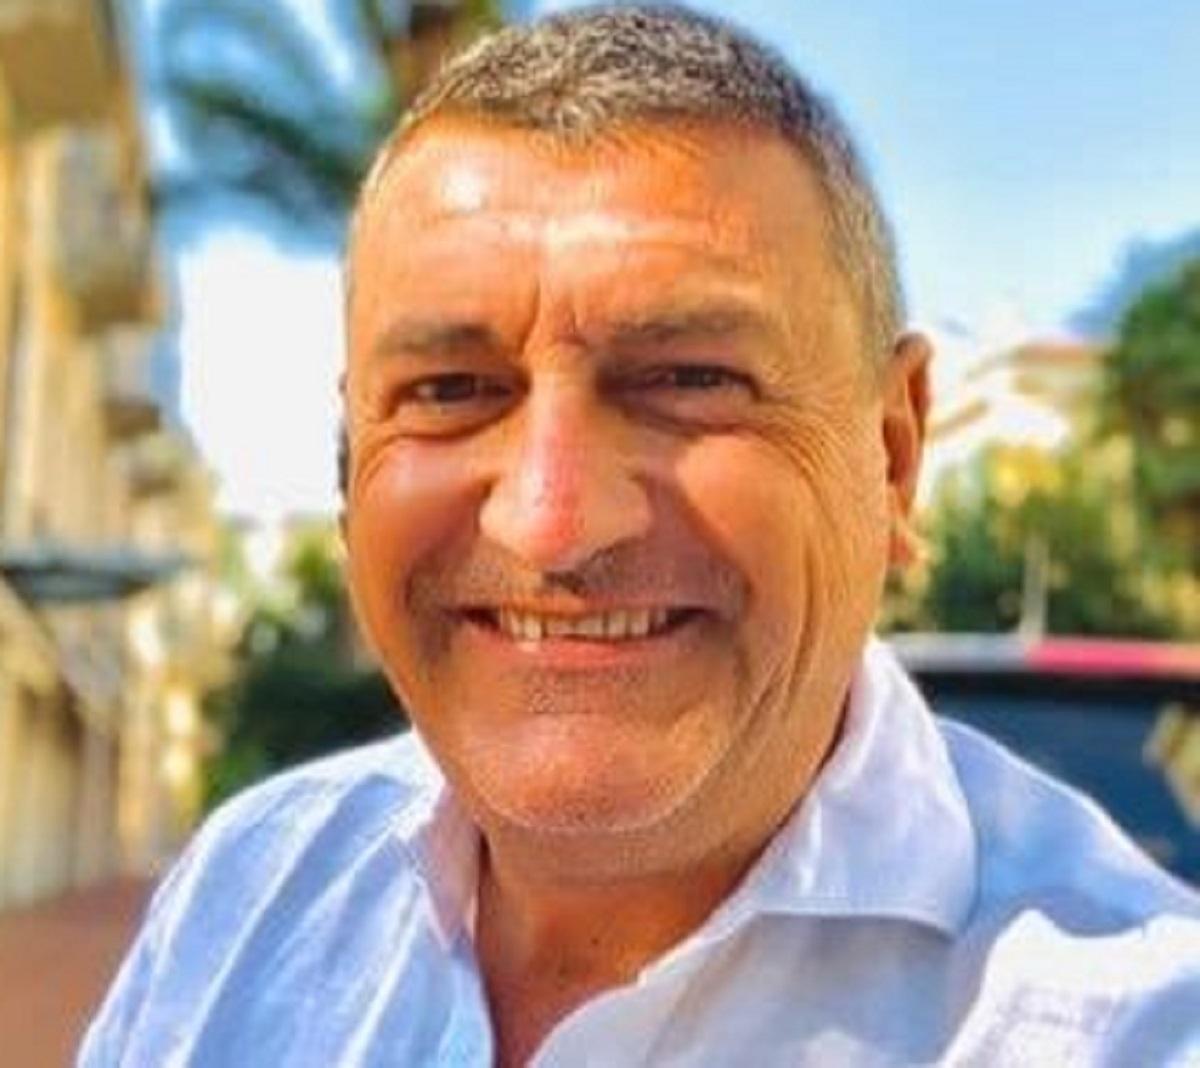 Fabrizio Gatta prete motivi rivelazione